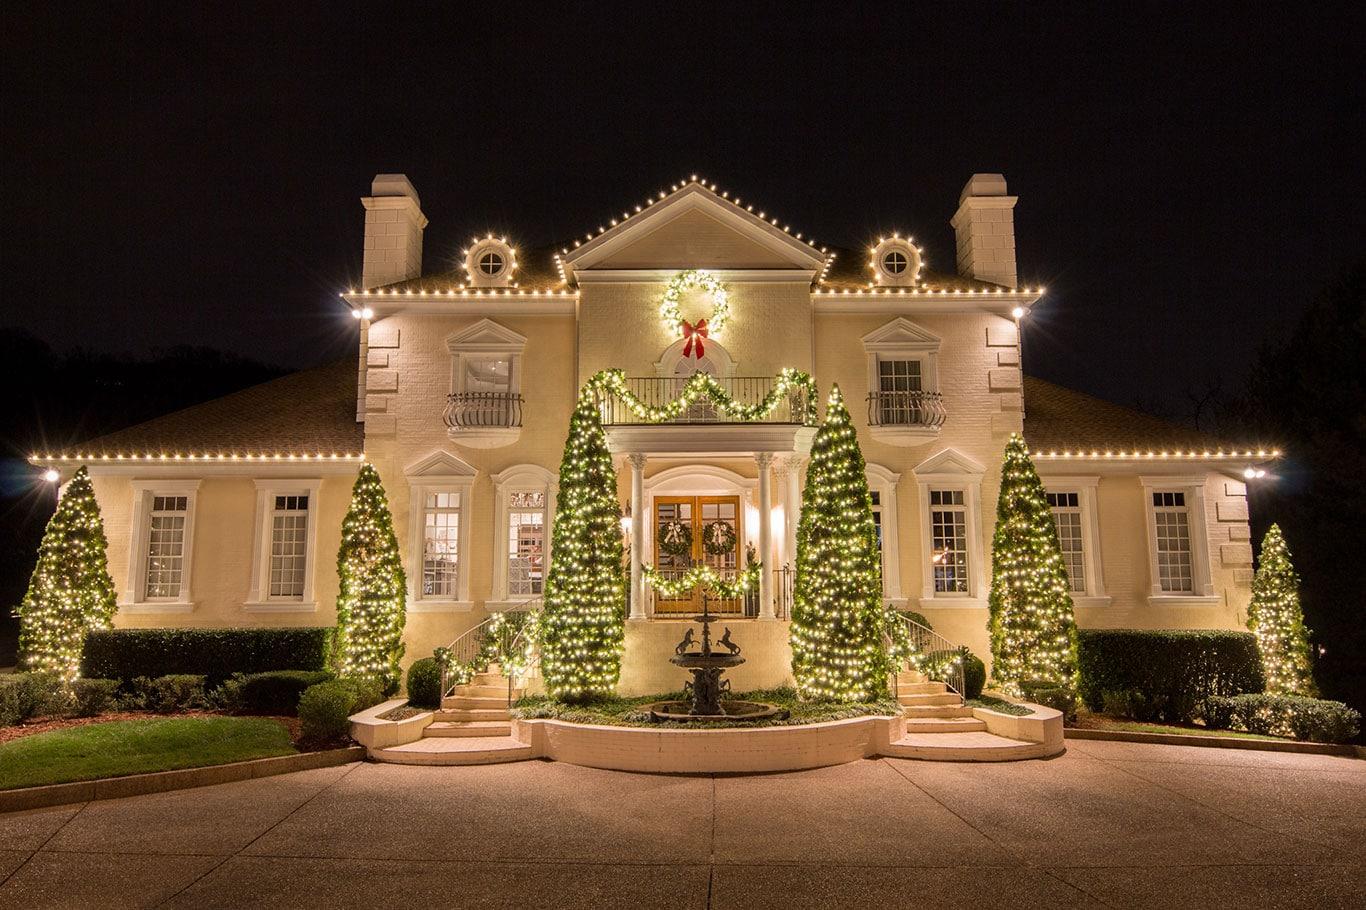 holiday outdoor lighting